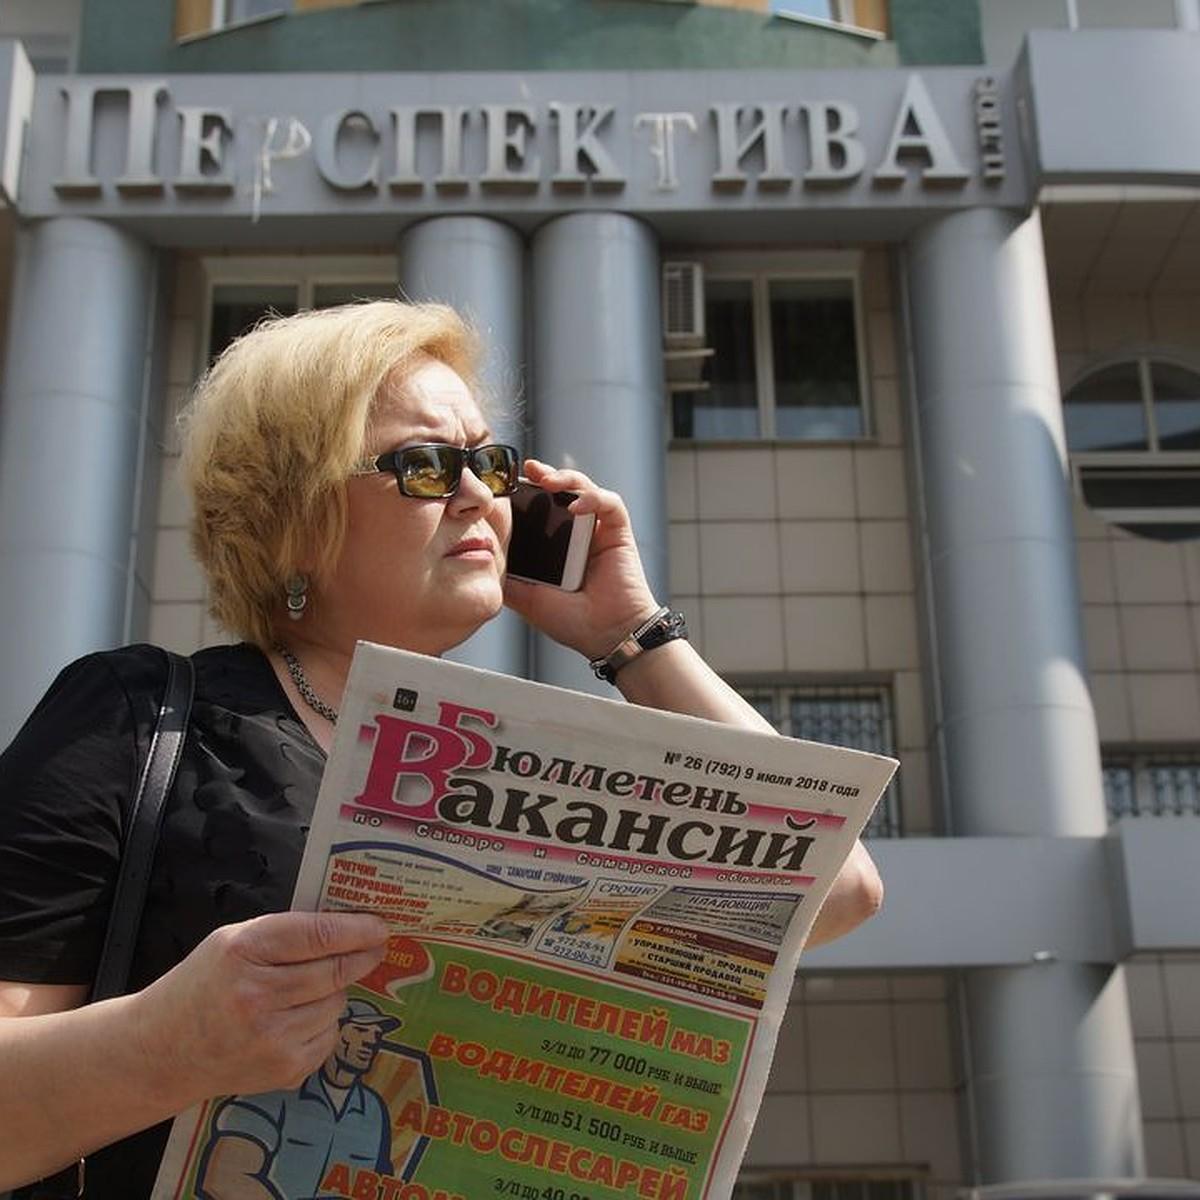 Ищу работу в новосибирске для девушки работа в мчс девушки отзывы